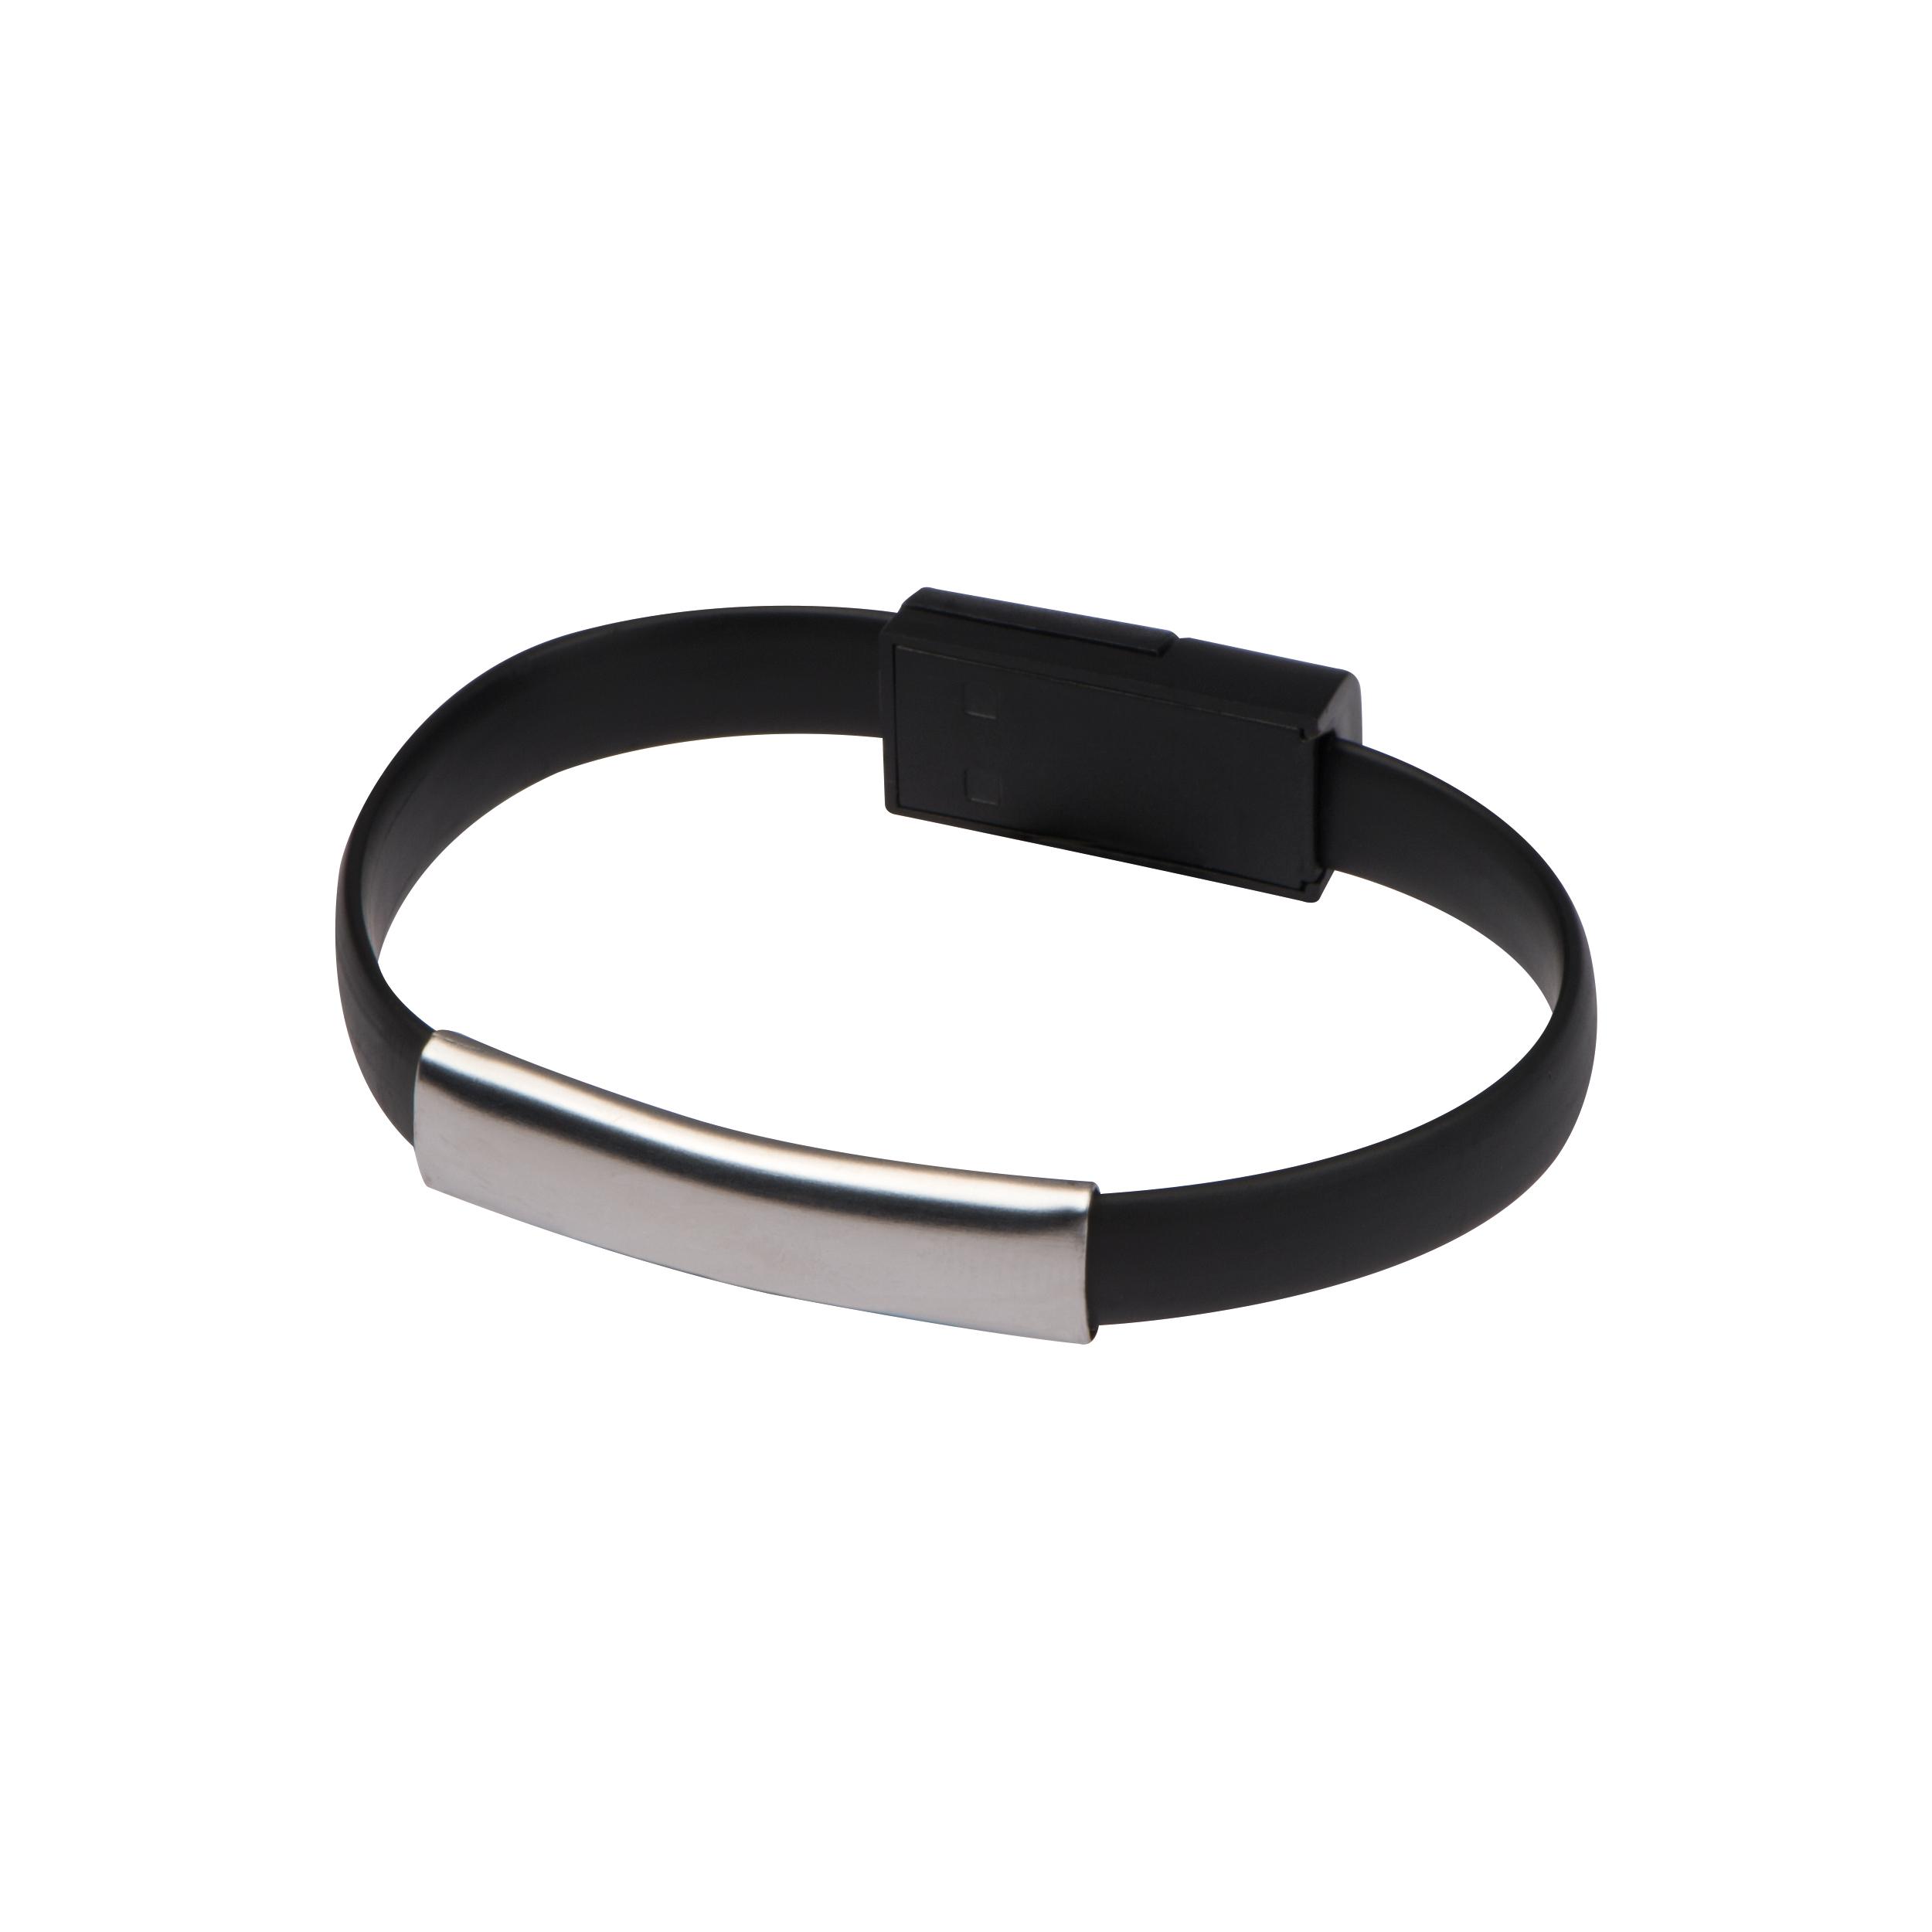 2 in 1 USB bracelet plug